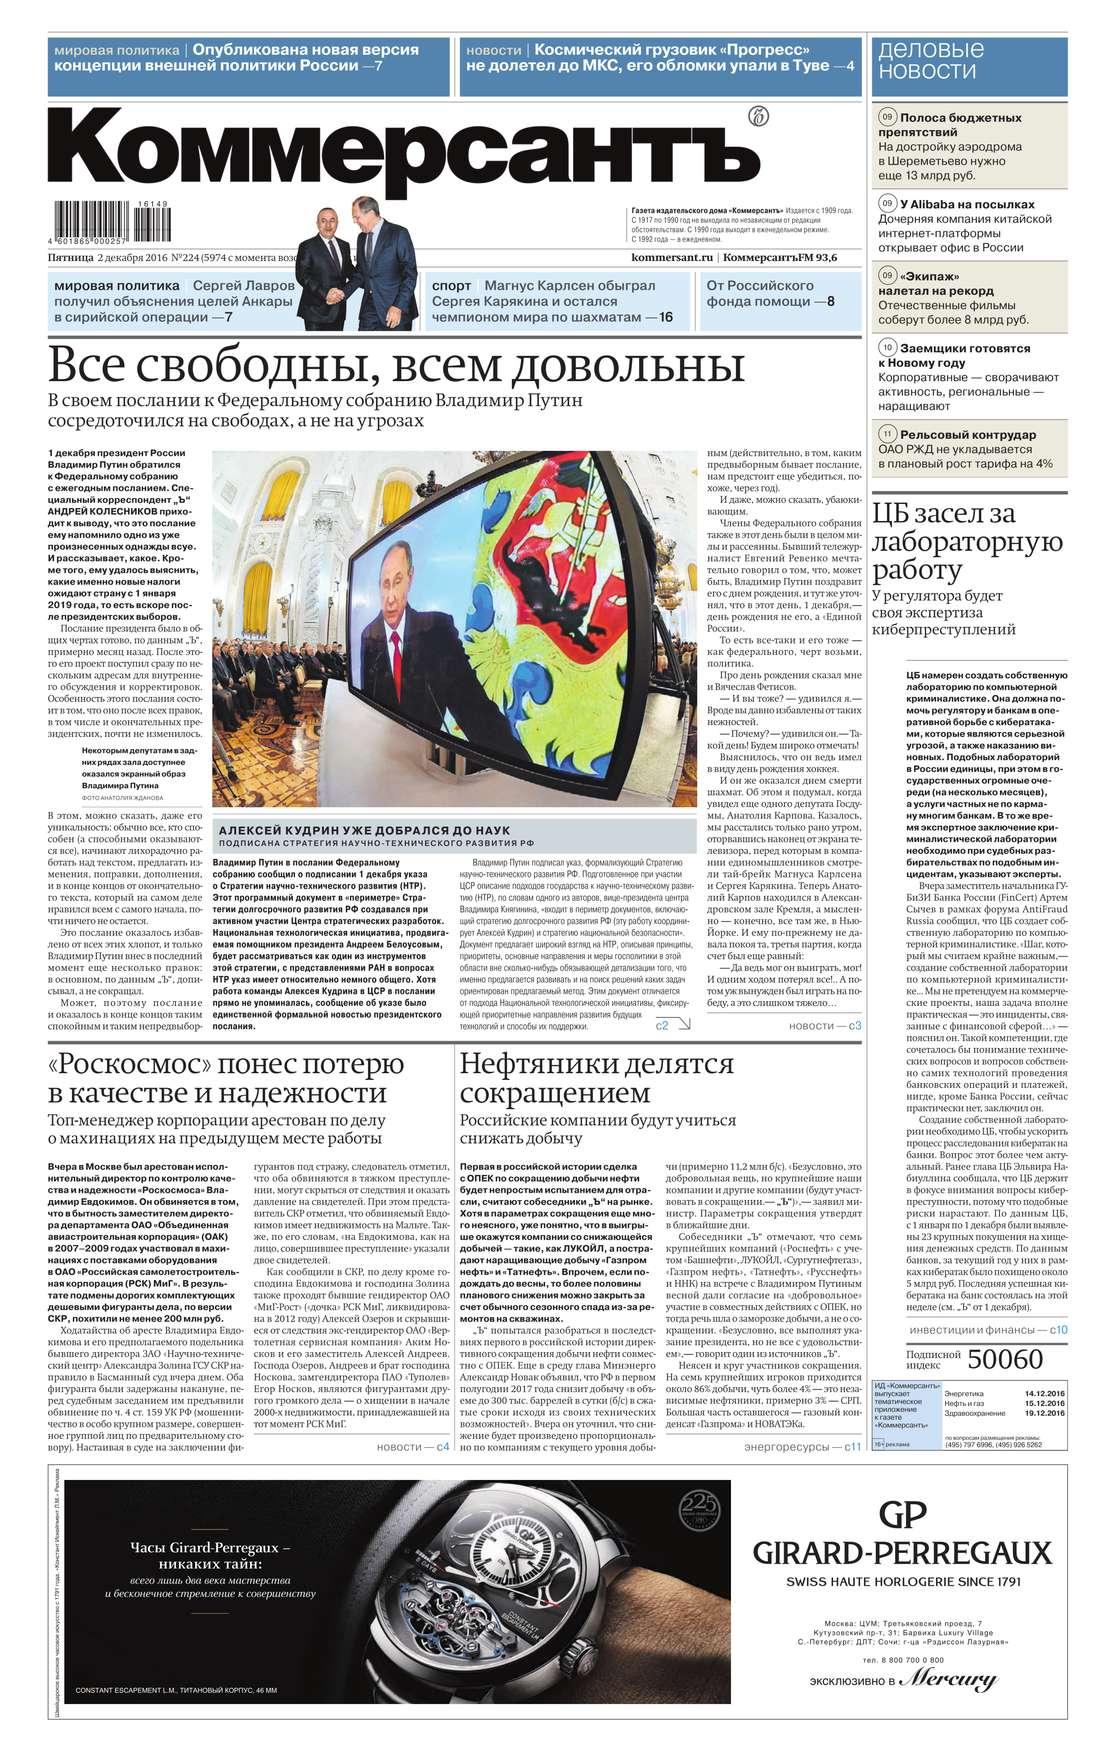 Редакция газеты Коммерсантъ (понедельник-пятница) КоммерсантЪ (понедельник-пятница) 224-2016